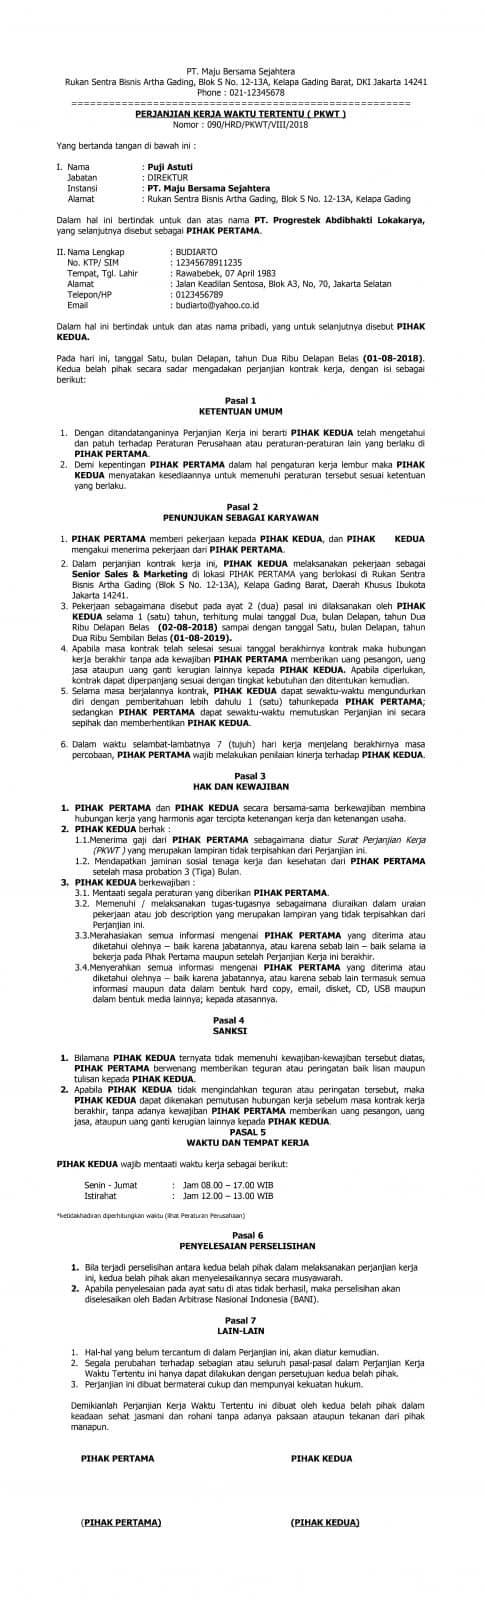 Contoh Kontrak Kerja Karyawan Yang Sesuai Peraturan Di Indonesia